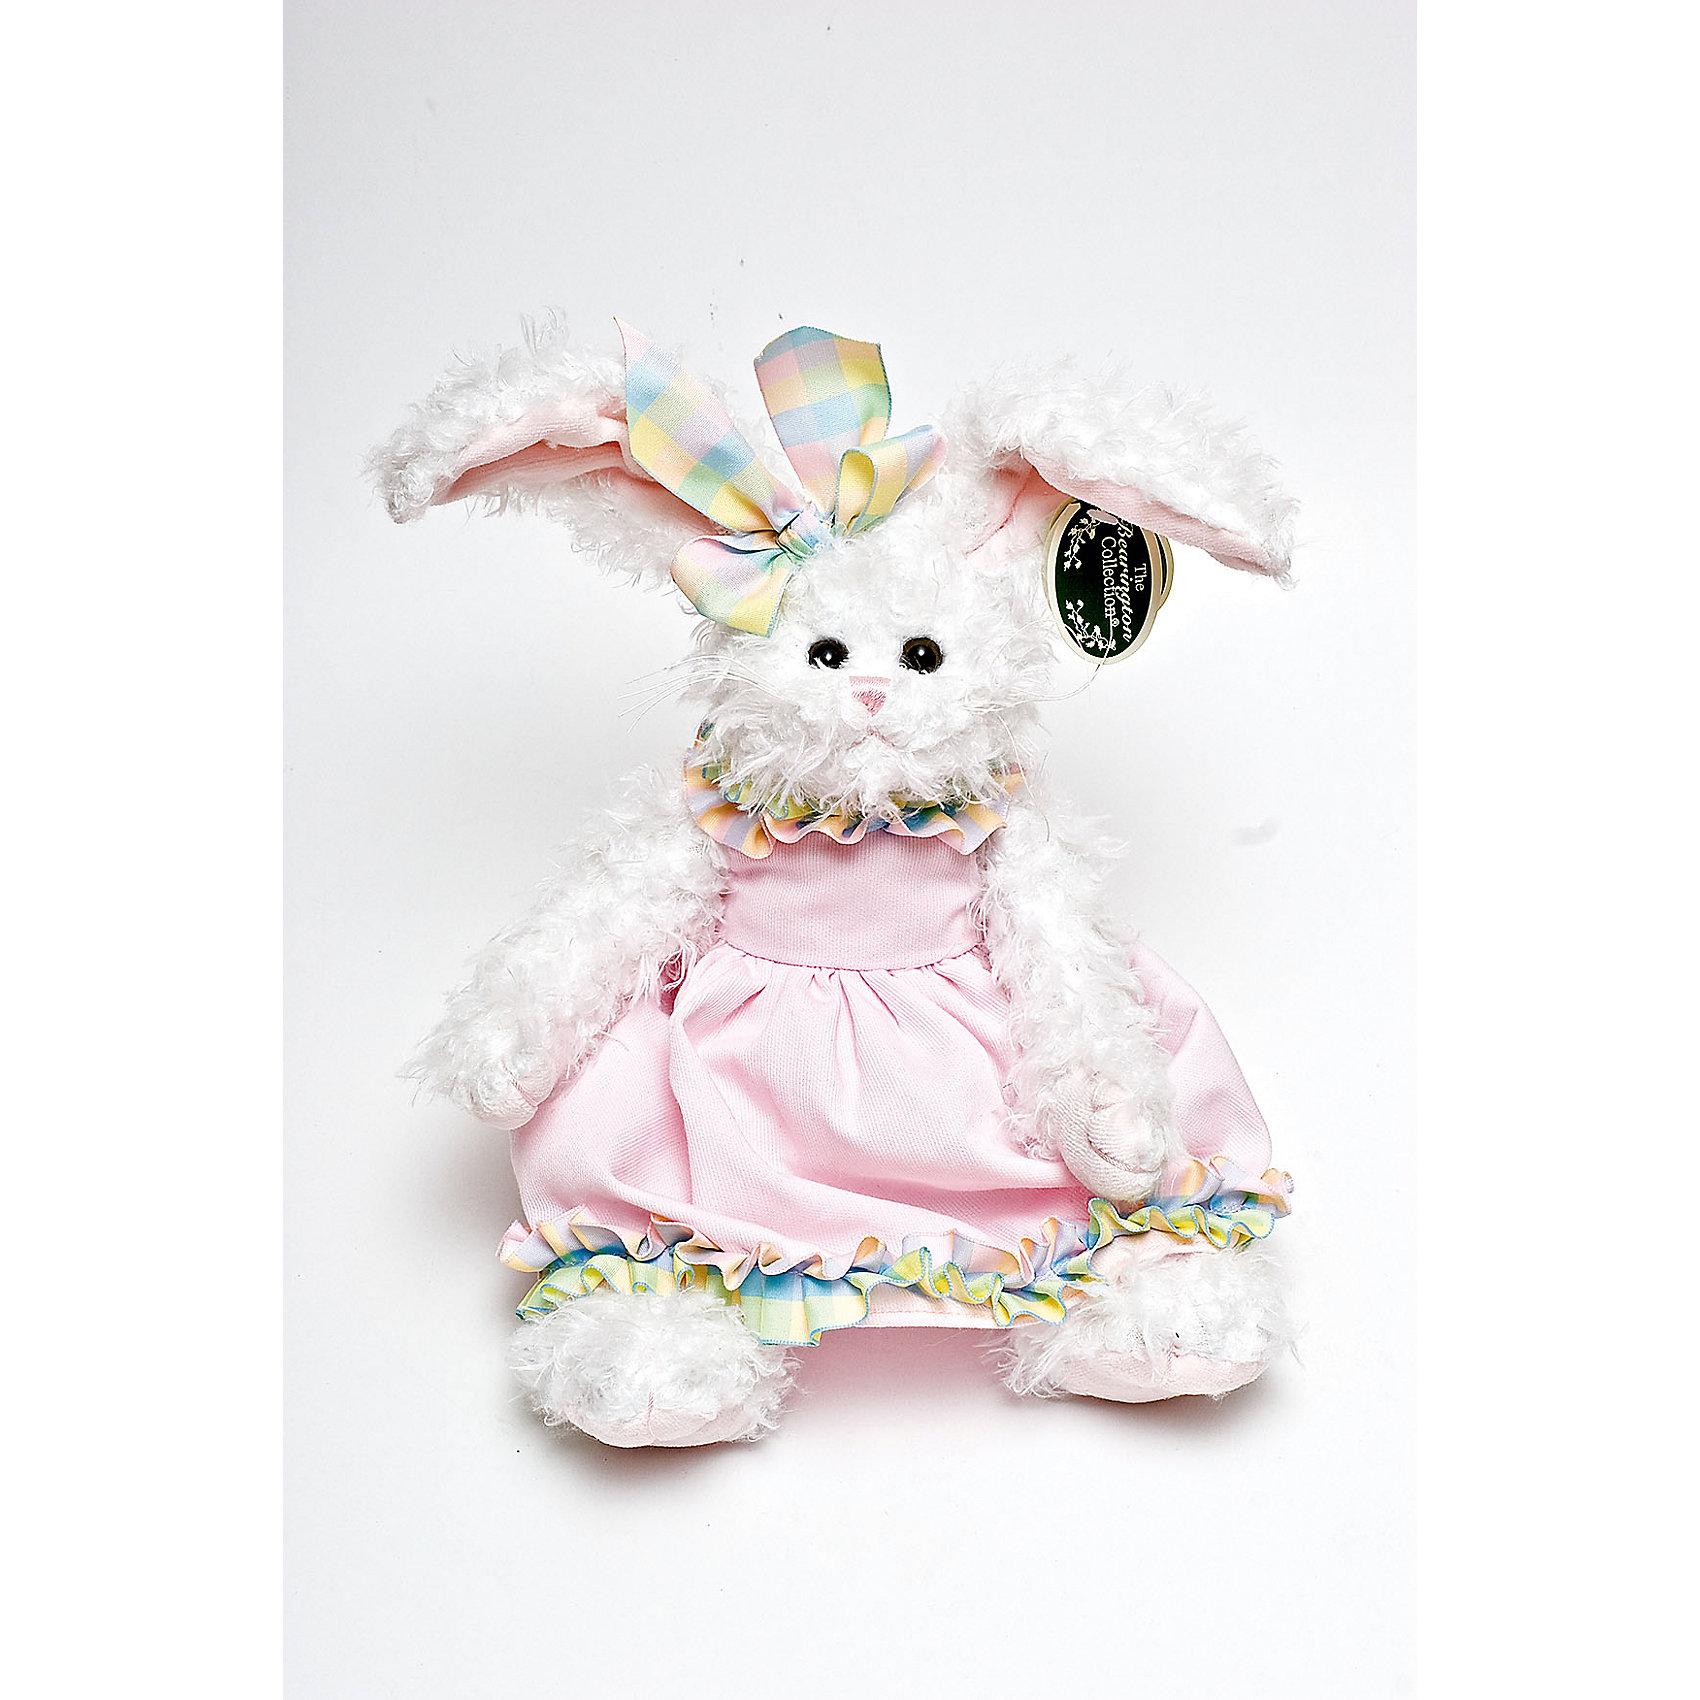 Зайка, 36 см, BearingtonЗайка, 36 см, Bearington (Берингтон).<br><br>Характеристики:<br><br>- Высота игрушки: 36 см.<br>- Материал: искусственный мех, текстиль, набивка - полиэфирное волокно<br><br>Симпатичная Зайка в розовом платье и с бантом на голове от американской компании Bearington (Берингтон) покорит Вас обаянием и красотой. Игрушка непременно вызовет положительные эмоции и подарит Вам свою любовь и тепло. Зайка изготовлена из нежного высококачественного искусственного меха. У нее очаровательная мордочка с длинными белыми усиками и красивые длинные ушки, внутри которых вшит проволочный каркас, так что ушки можно загибать и разгибать. Зайка выполнена в лучших традициях классических мишек Тедди - ее лапки крепятся таким образом, что их можно вращать по отношению к туловищу на 360 градусов, и придавать игрушке разнообразные позы. Чудесное платьице сшито из высококачественных экологически чистых материалов. Крой и отделка наряда созданы с любовью, что придает игрушке особый шарм. Платье можно снимать и одевать. Играть с зайкой от Беарингтон также интересно, как и с куклами. Благодаря чудесному образу и высококачественному исполнению зайка станет лучшим подарком для девочек и девушек с утонченным изысканным вкусом и для ценителей коллекционных игрушек.<br><br>Зайку, 36 см, Bearington (Берингтон) можно купить в нашем интернет-магазине.<br><br>Ширина мм: 100<br>Глубина мм: 80<br>Высота мм: 360<br>Вес г: 270<br>Возраст от месяцев: 36<br>Возраст до месяцев: 2147483647<br>Пол: Женский<br>Возраст: Детский<br>SKU: 5119971